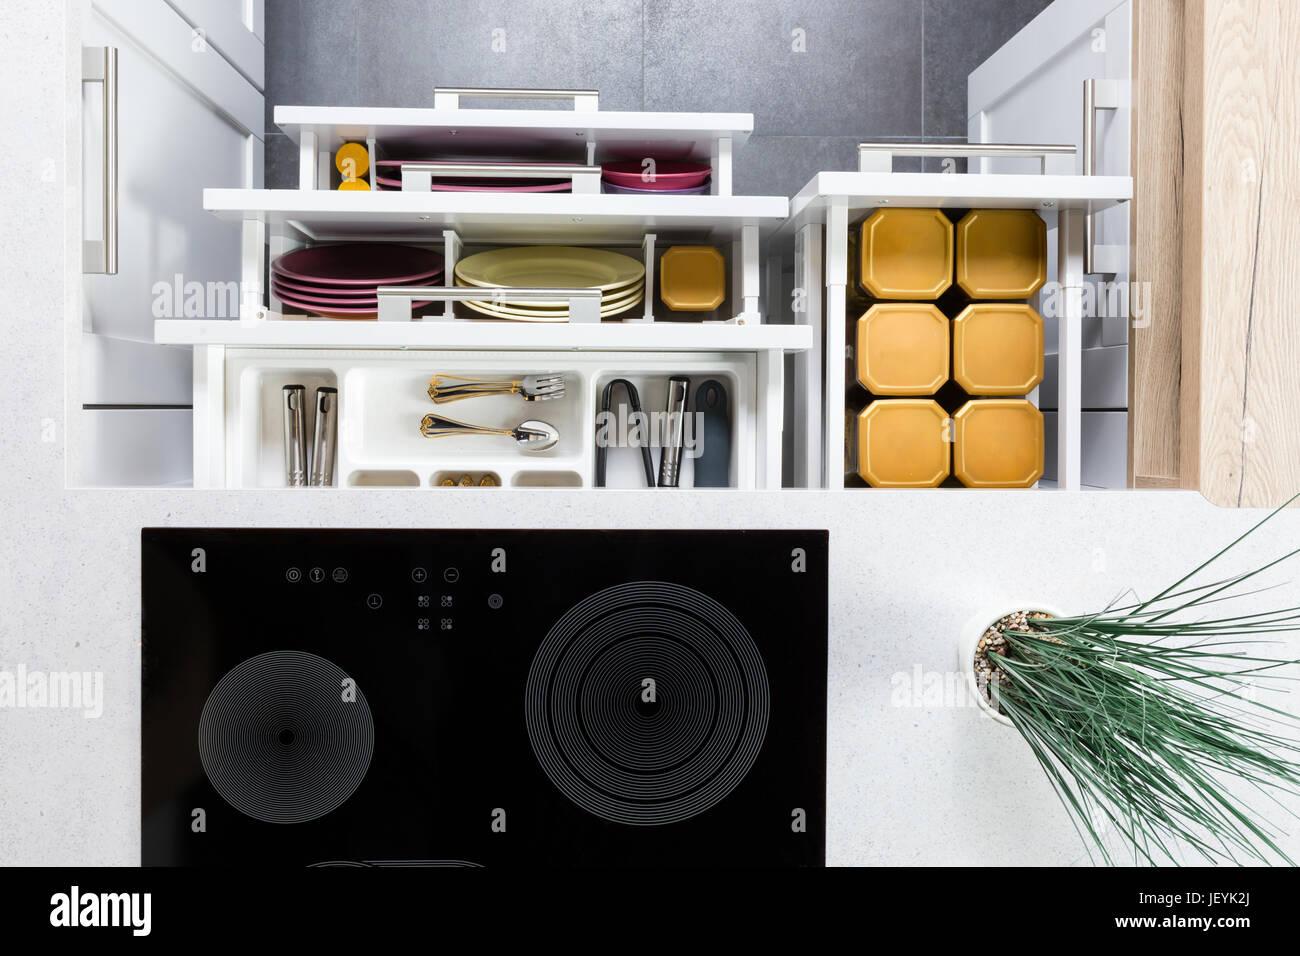 Tolle Küchenschublade Organisatoren Für Töpfe Und Pfannen Galerie ...